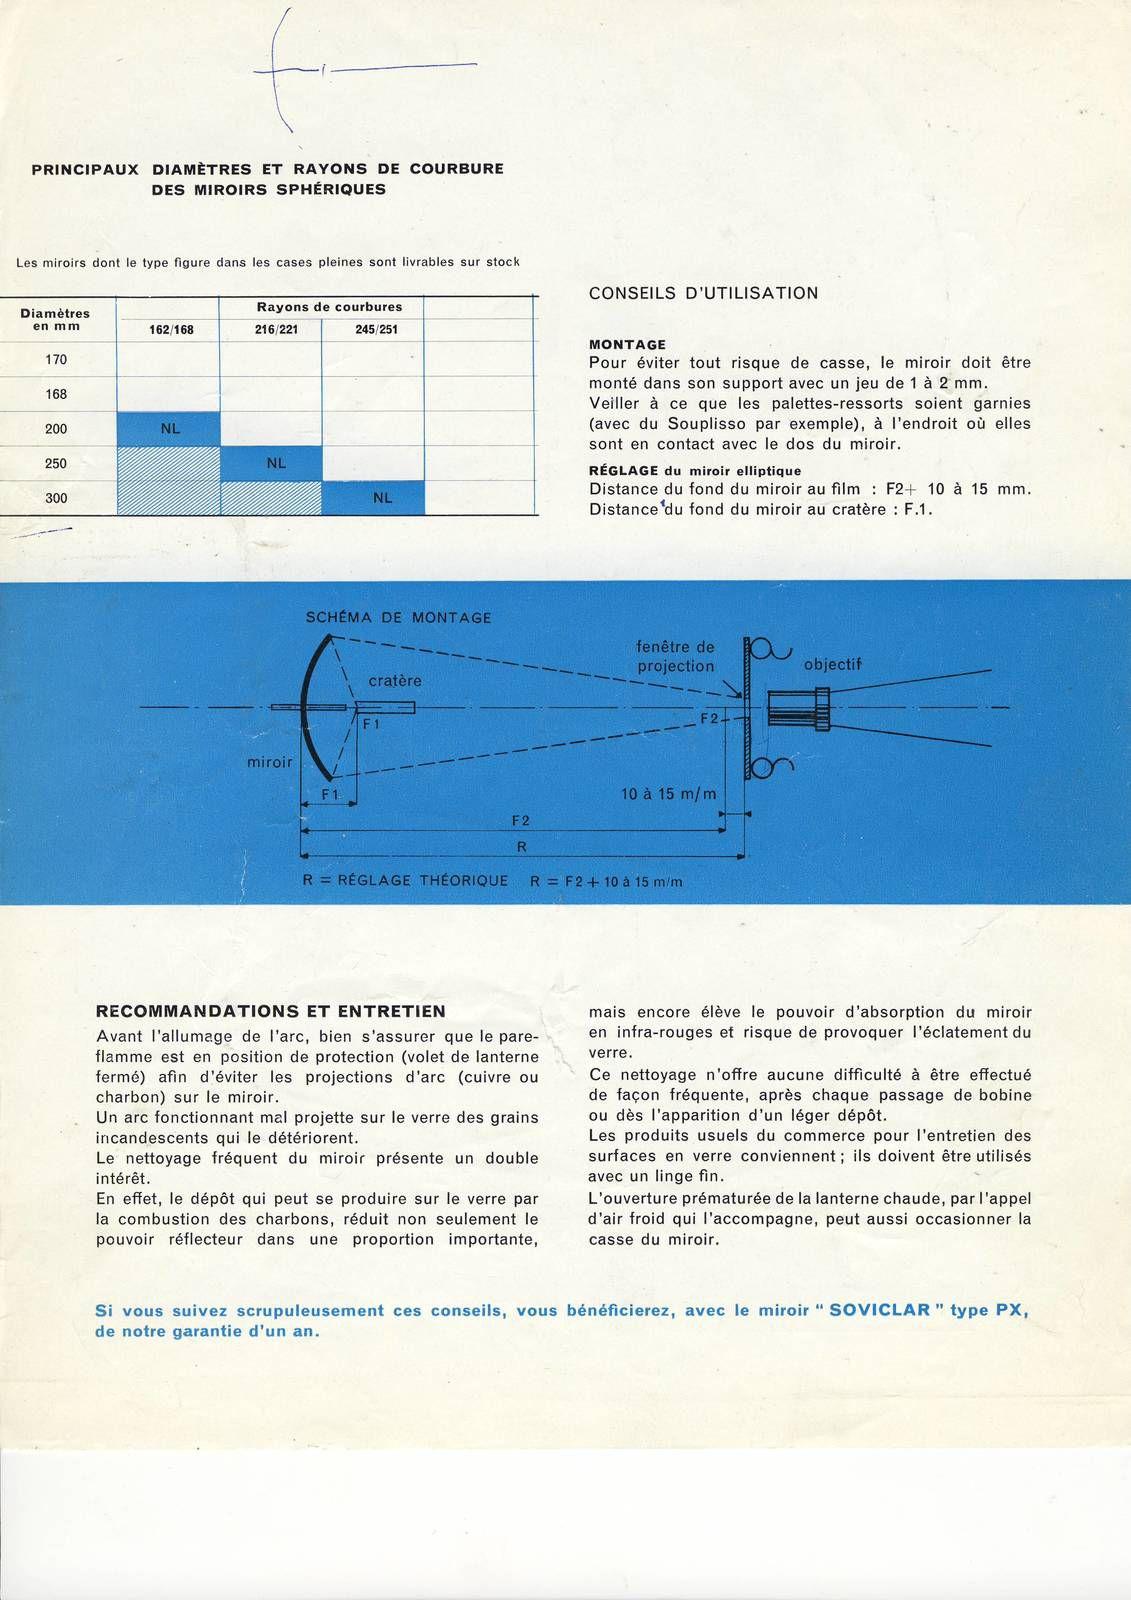 Le SOVICLAR - Miroir elliptique et sphérique pour projection cinématographique